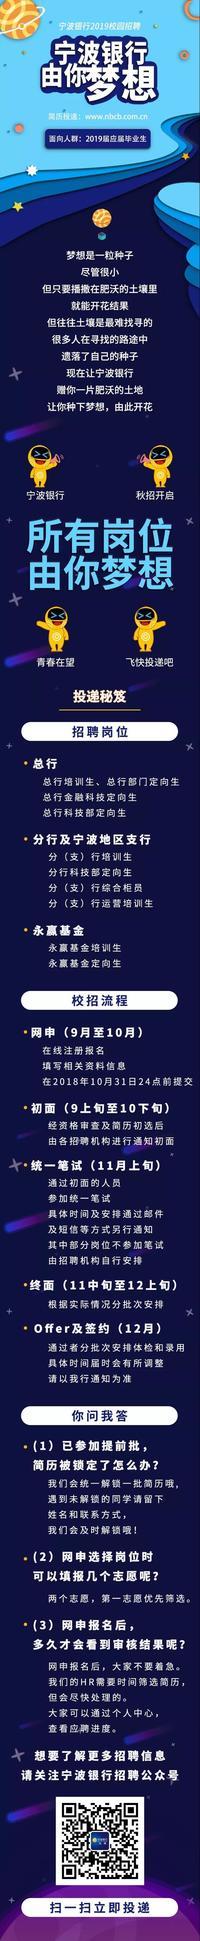 宁波银行2019秋季校园招聘正式启动